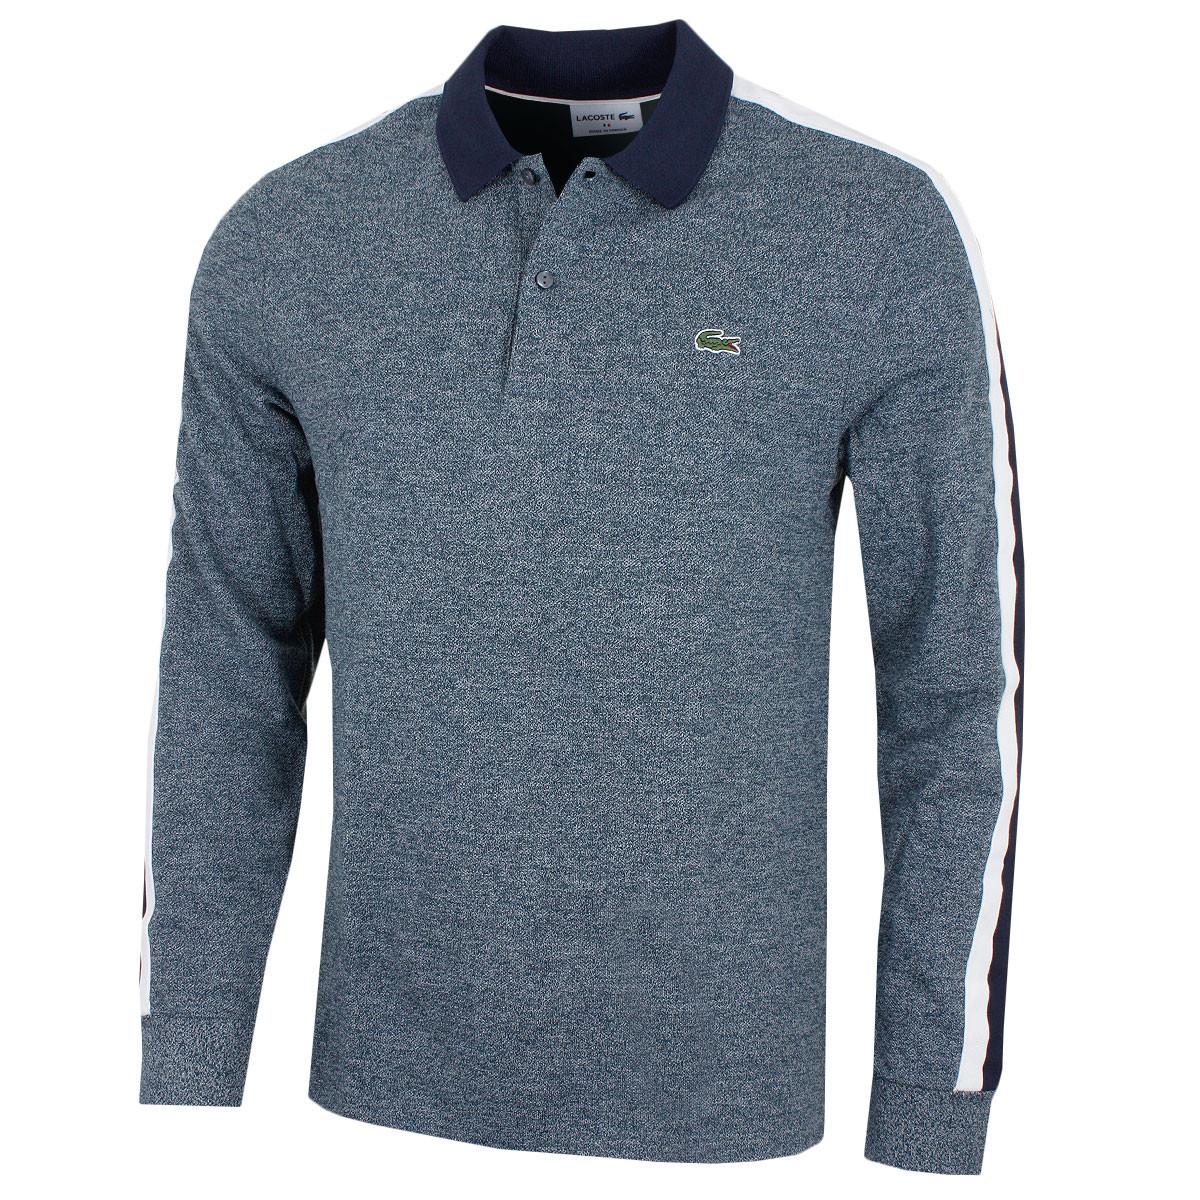 721432cafe88 Lacoste Mens Regular Fit Mouline Cotton Pique Polo Shirt